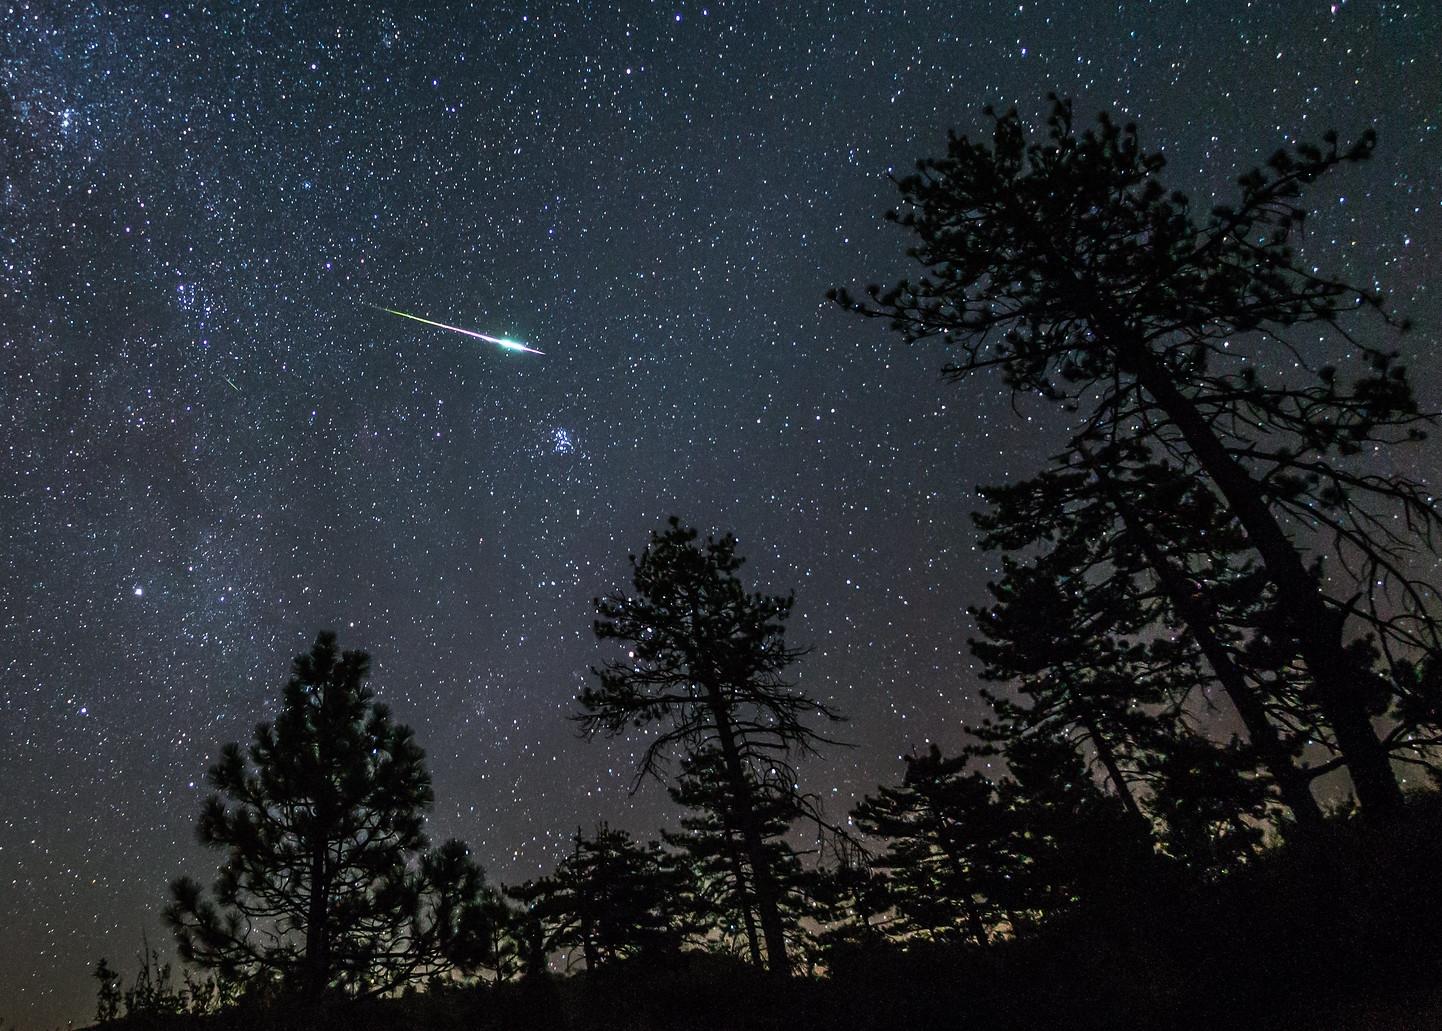 La magia di un bolide che sfreccia nella notte silenziosa. Ne potremo vedere molti grazie allo sciame delle Geminidi. (Ph. Slworking2)